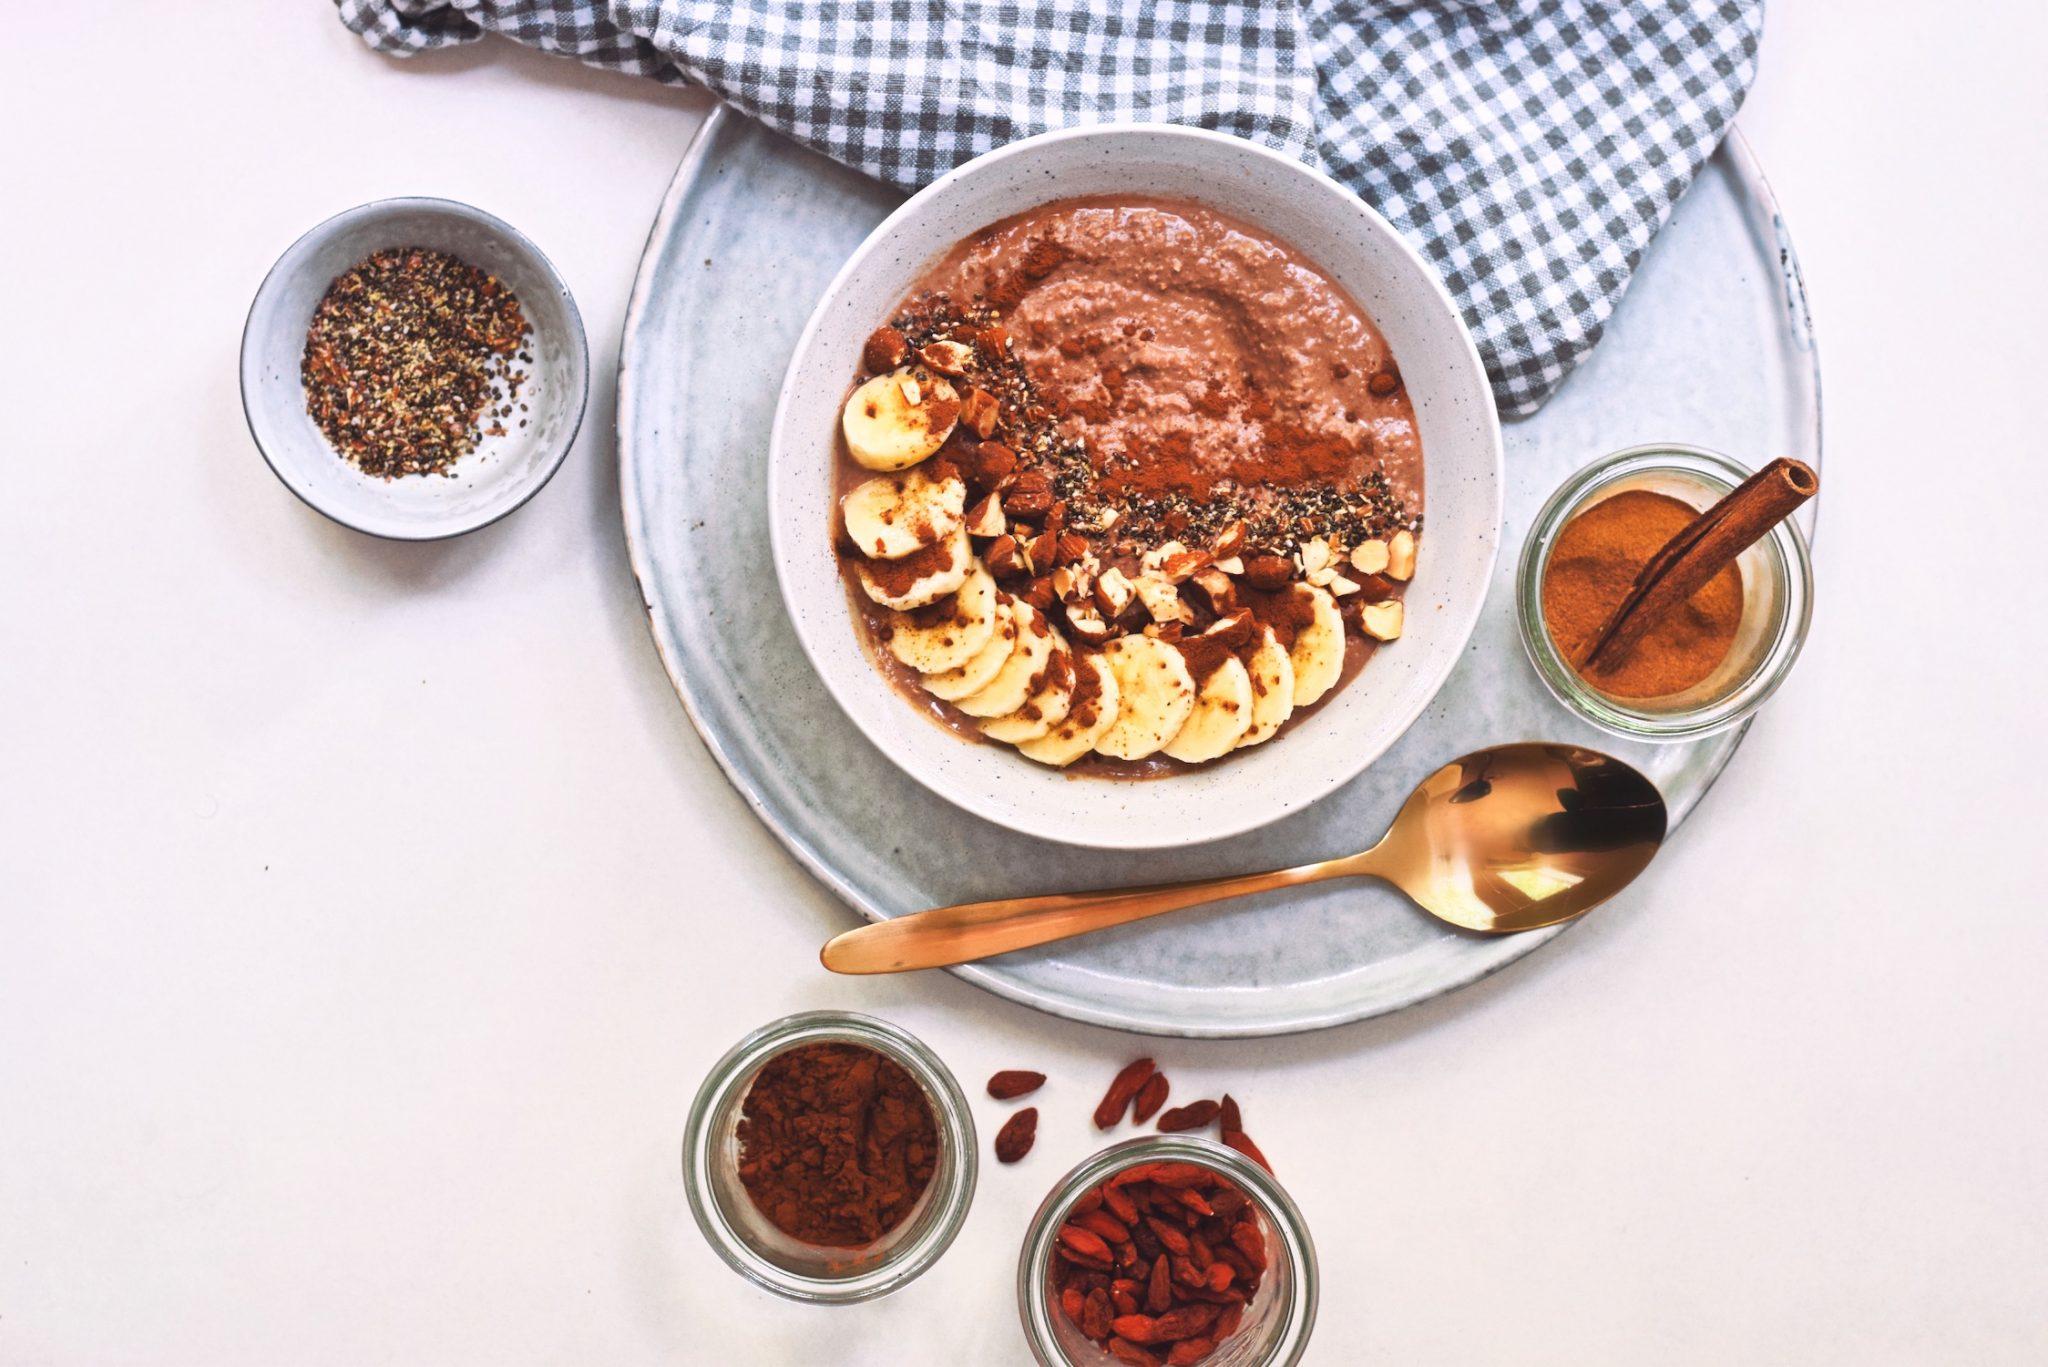 10 x snelle en gezonde ontbijt recepten | Ontbijt gezond